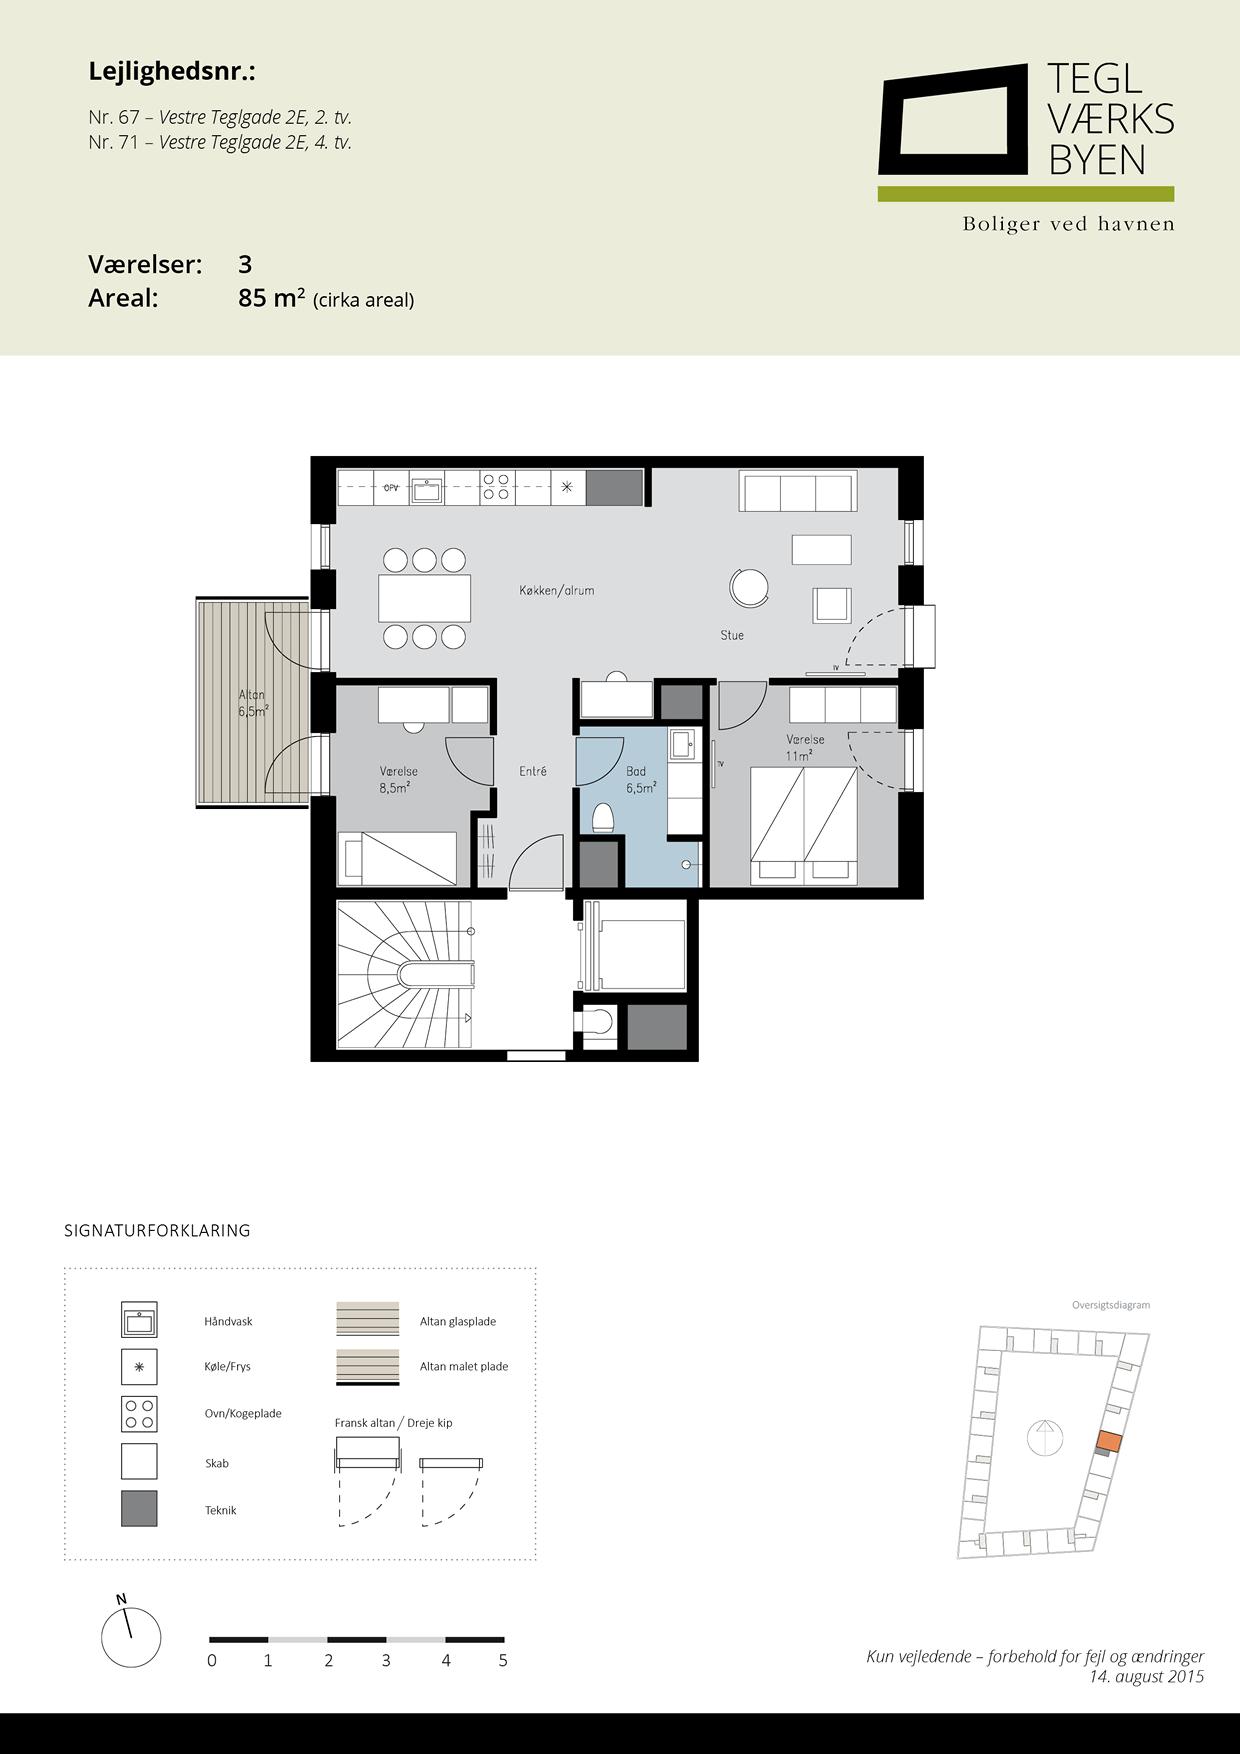 Teglvaerksbyen_67-71_plan